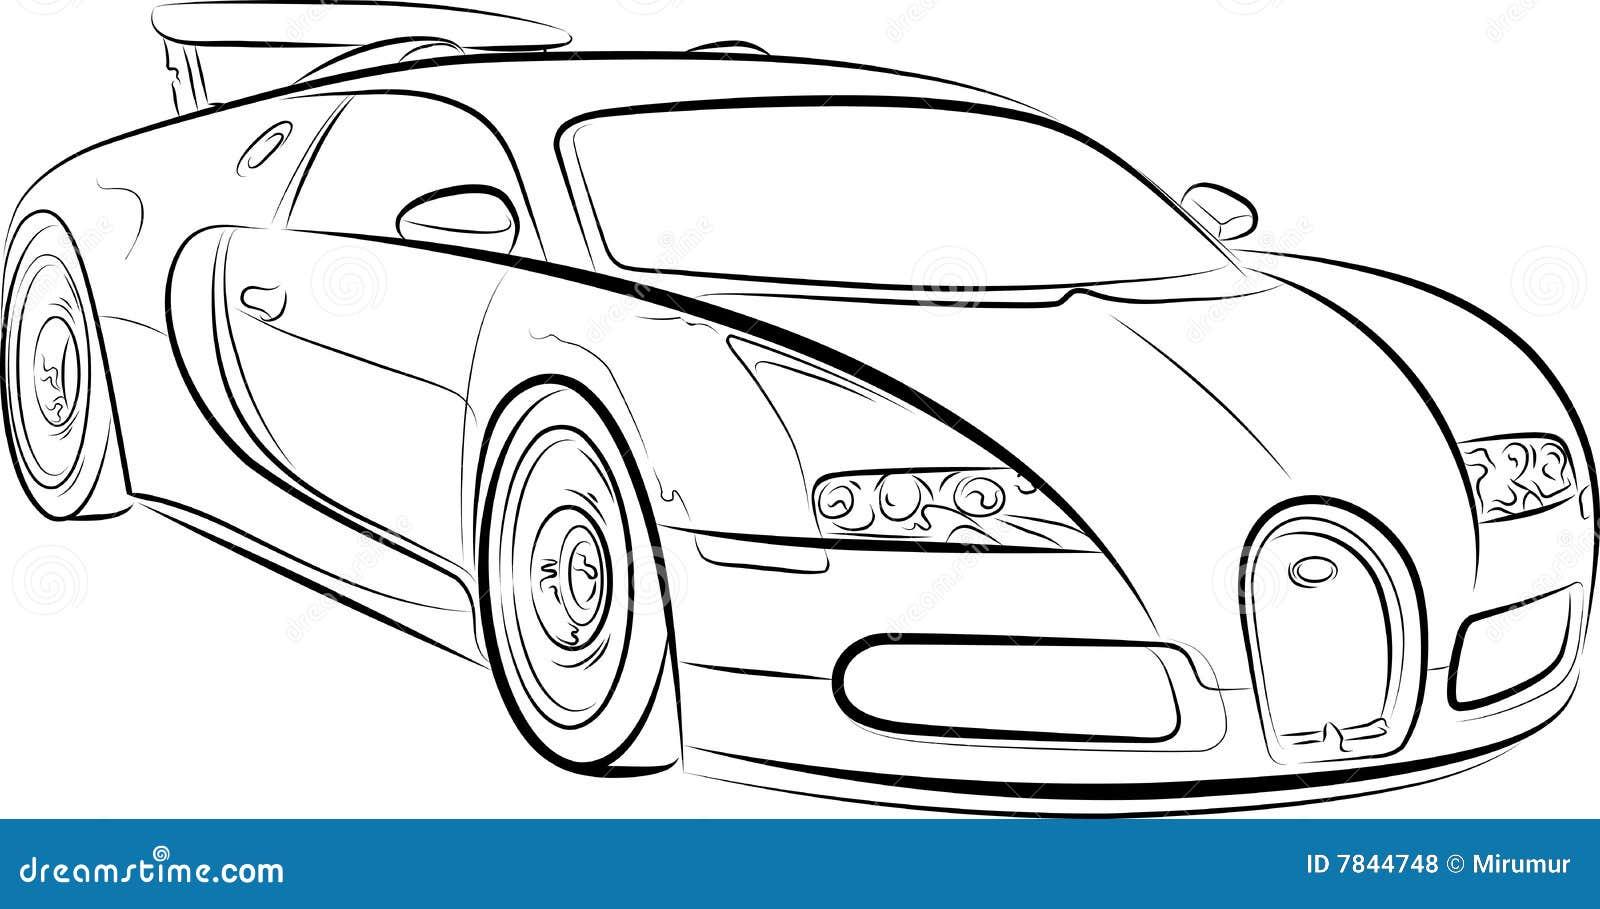 Zeichnung des Autos vektor abbildung. Illustration von automobil ...